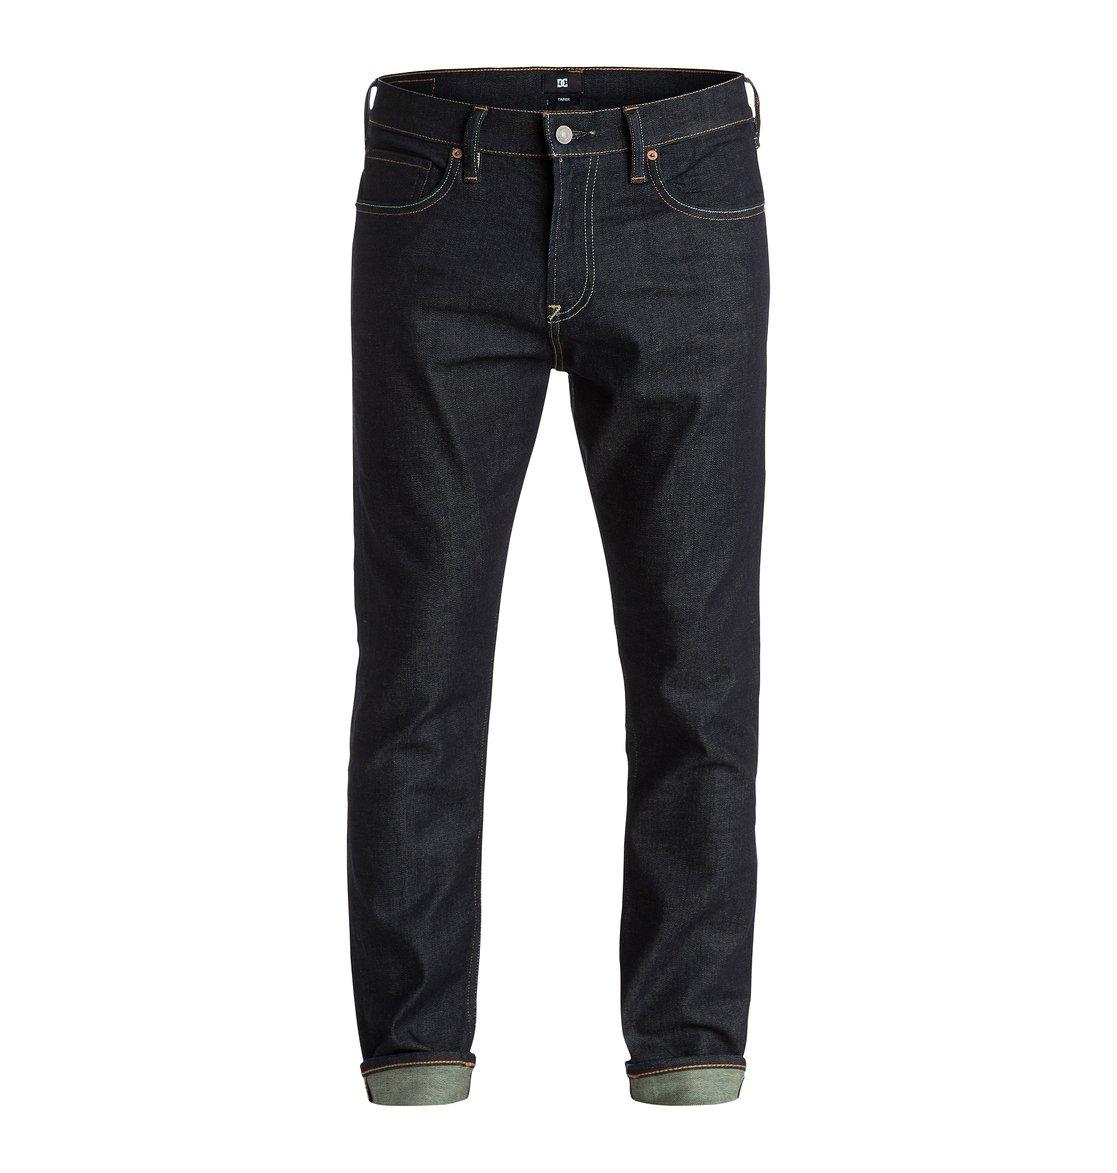 tapered fit 34 jeans edydp03156 dc shoes. Black Bedroom Furniture Sets. Home Design Ideas